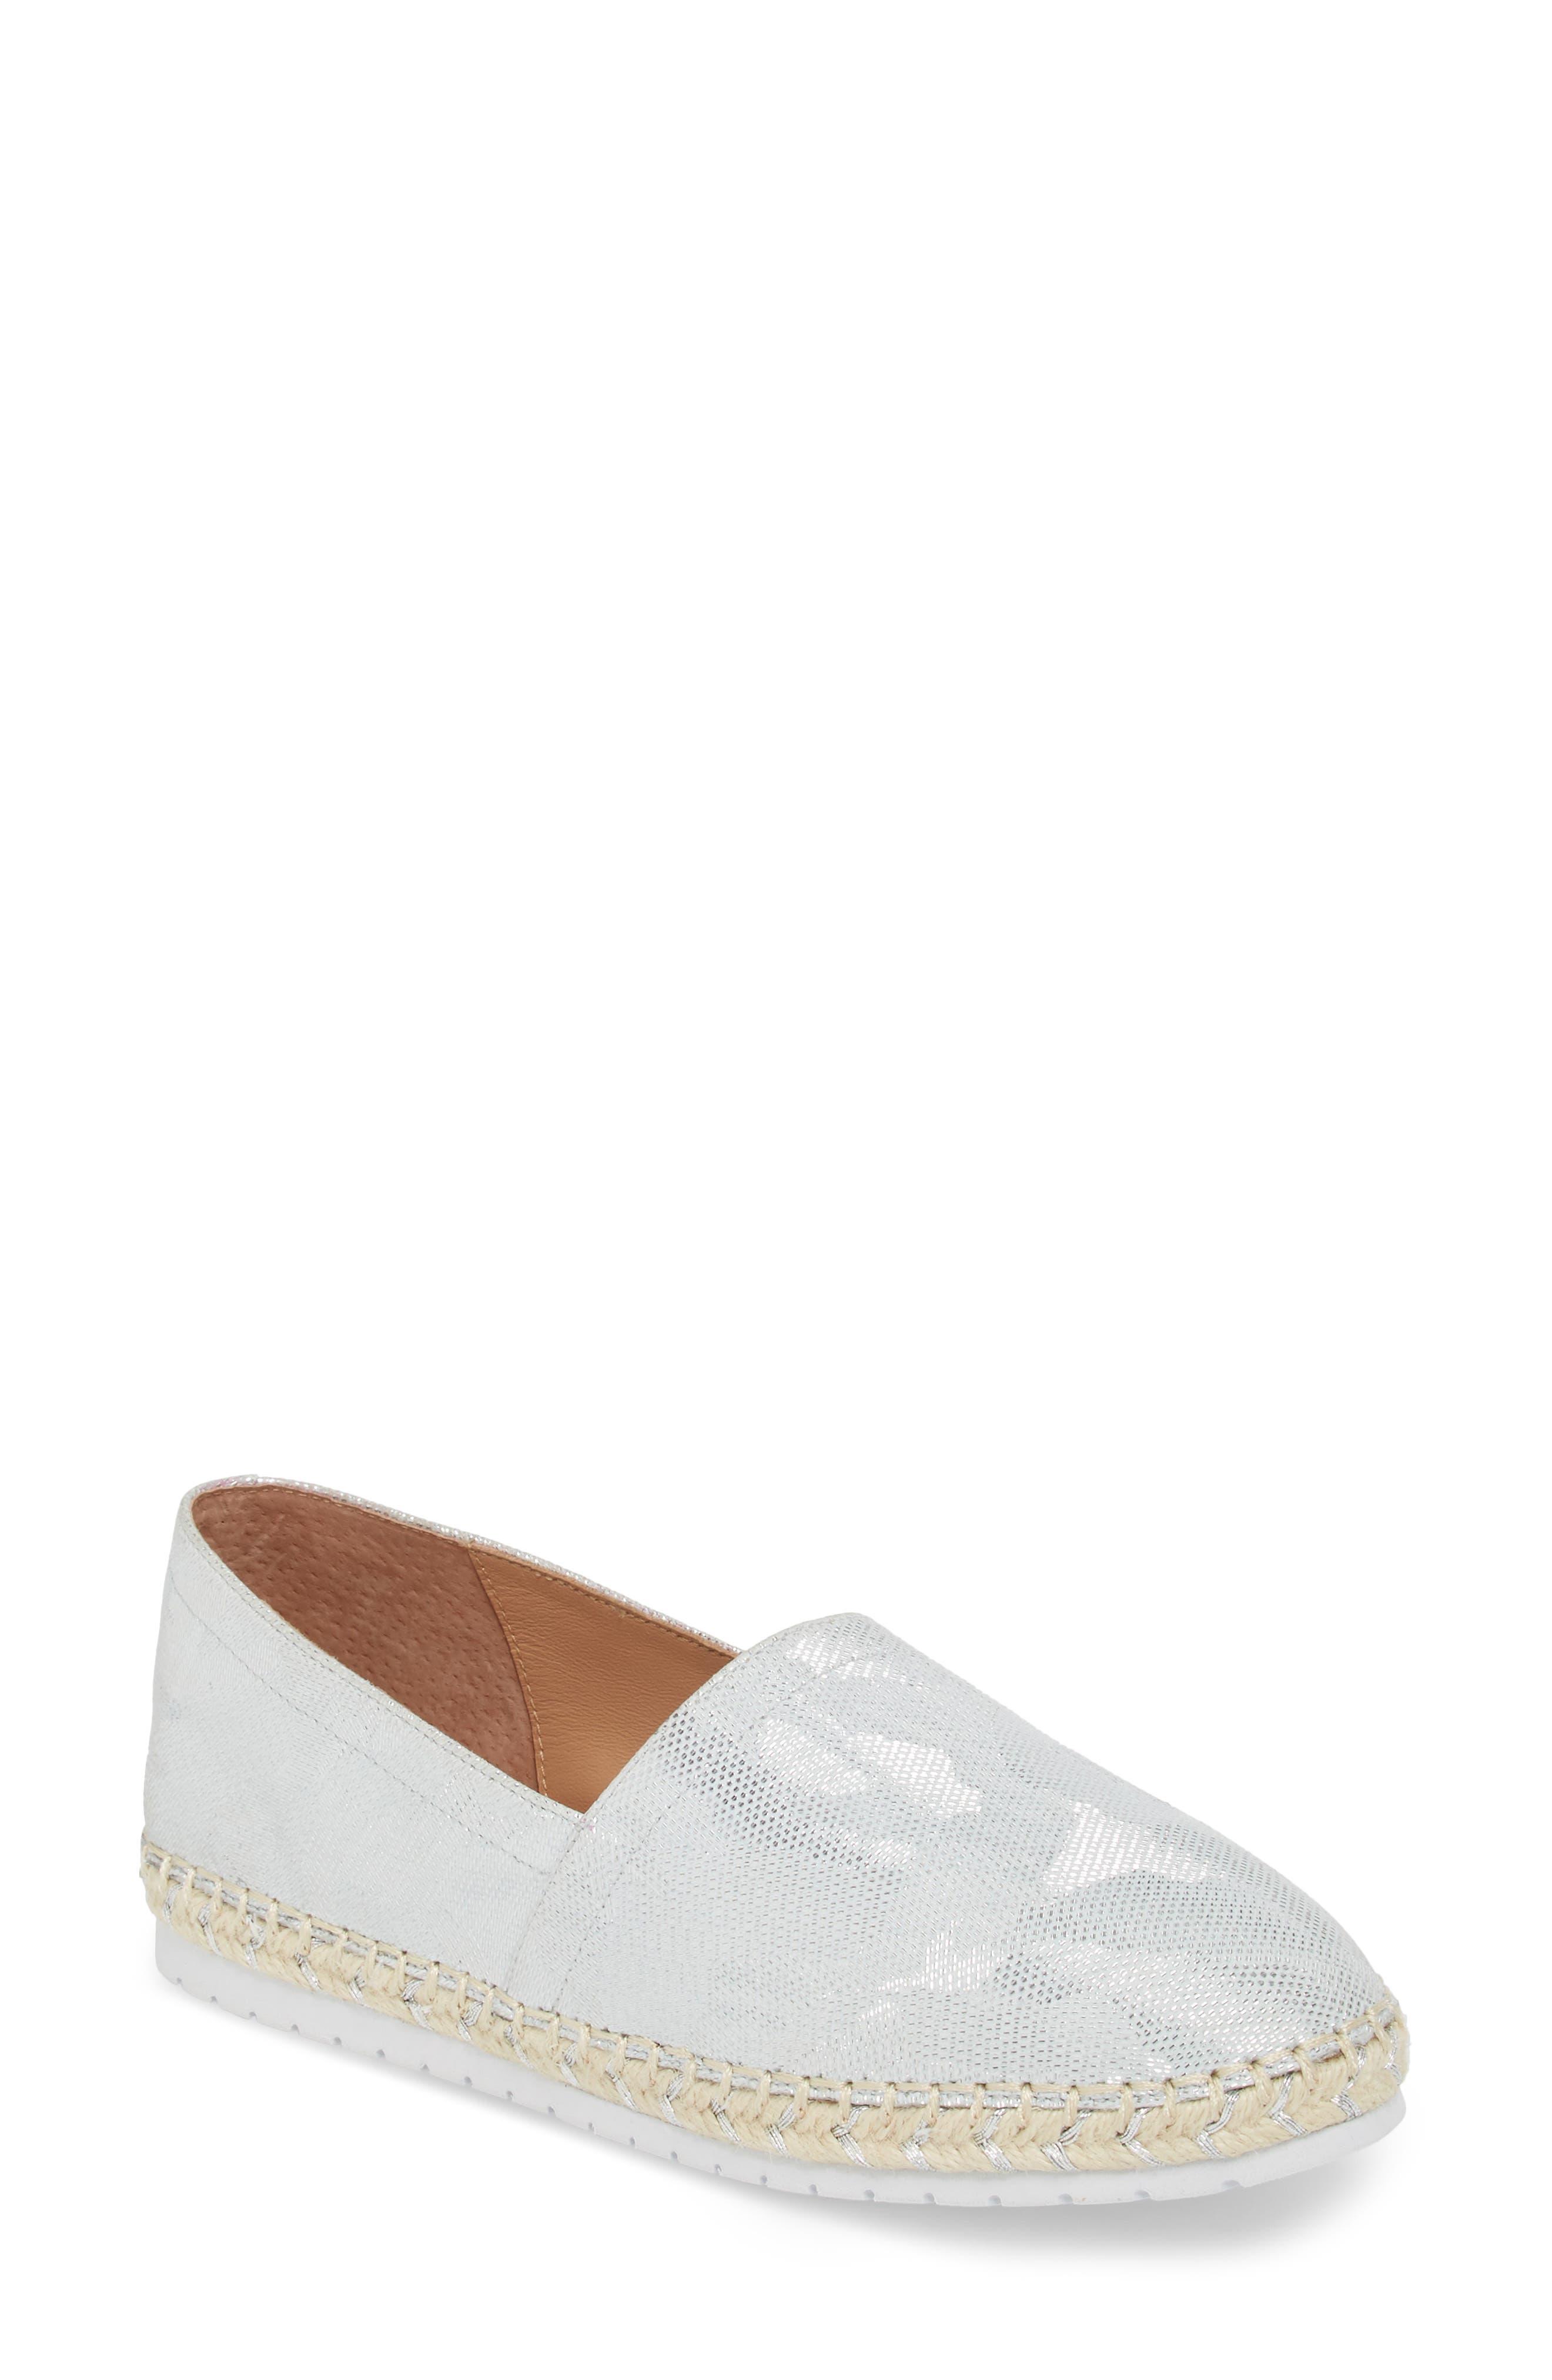 LINEA PAOLO Skylar Espadrille Sneaker, Main, color, 044